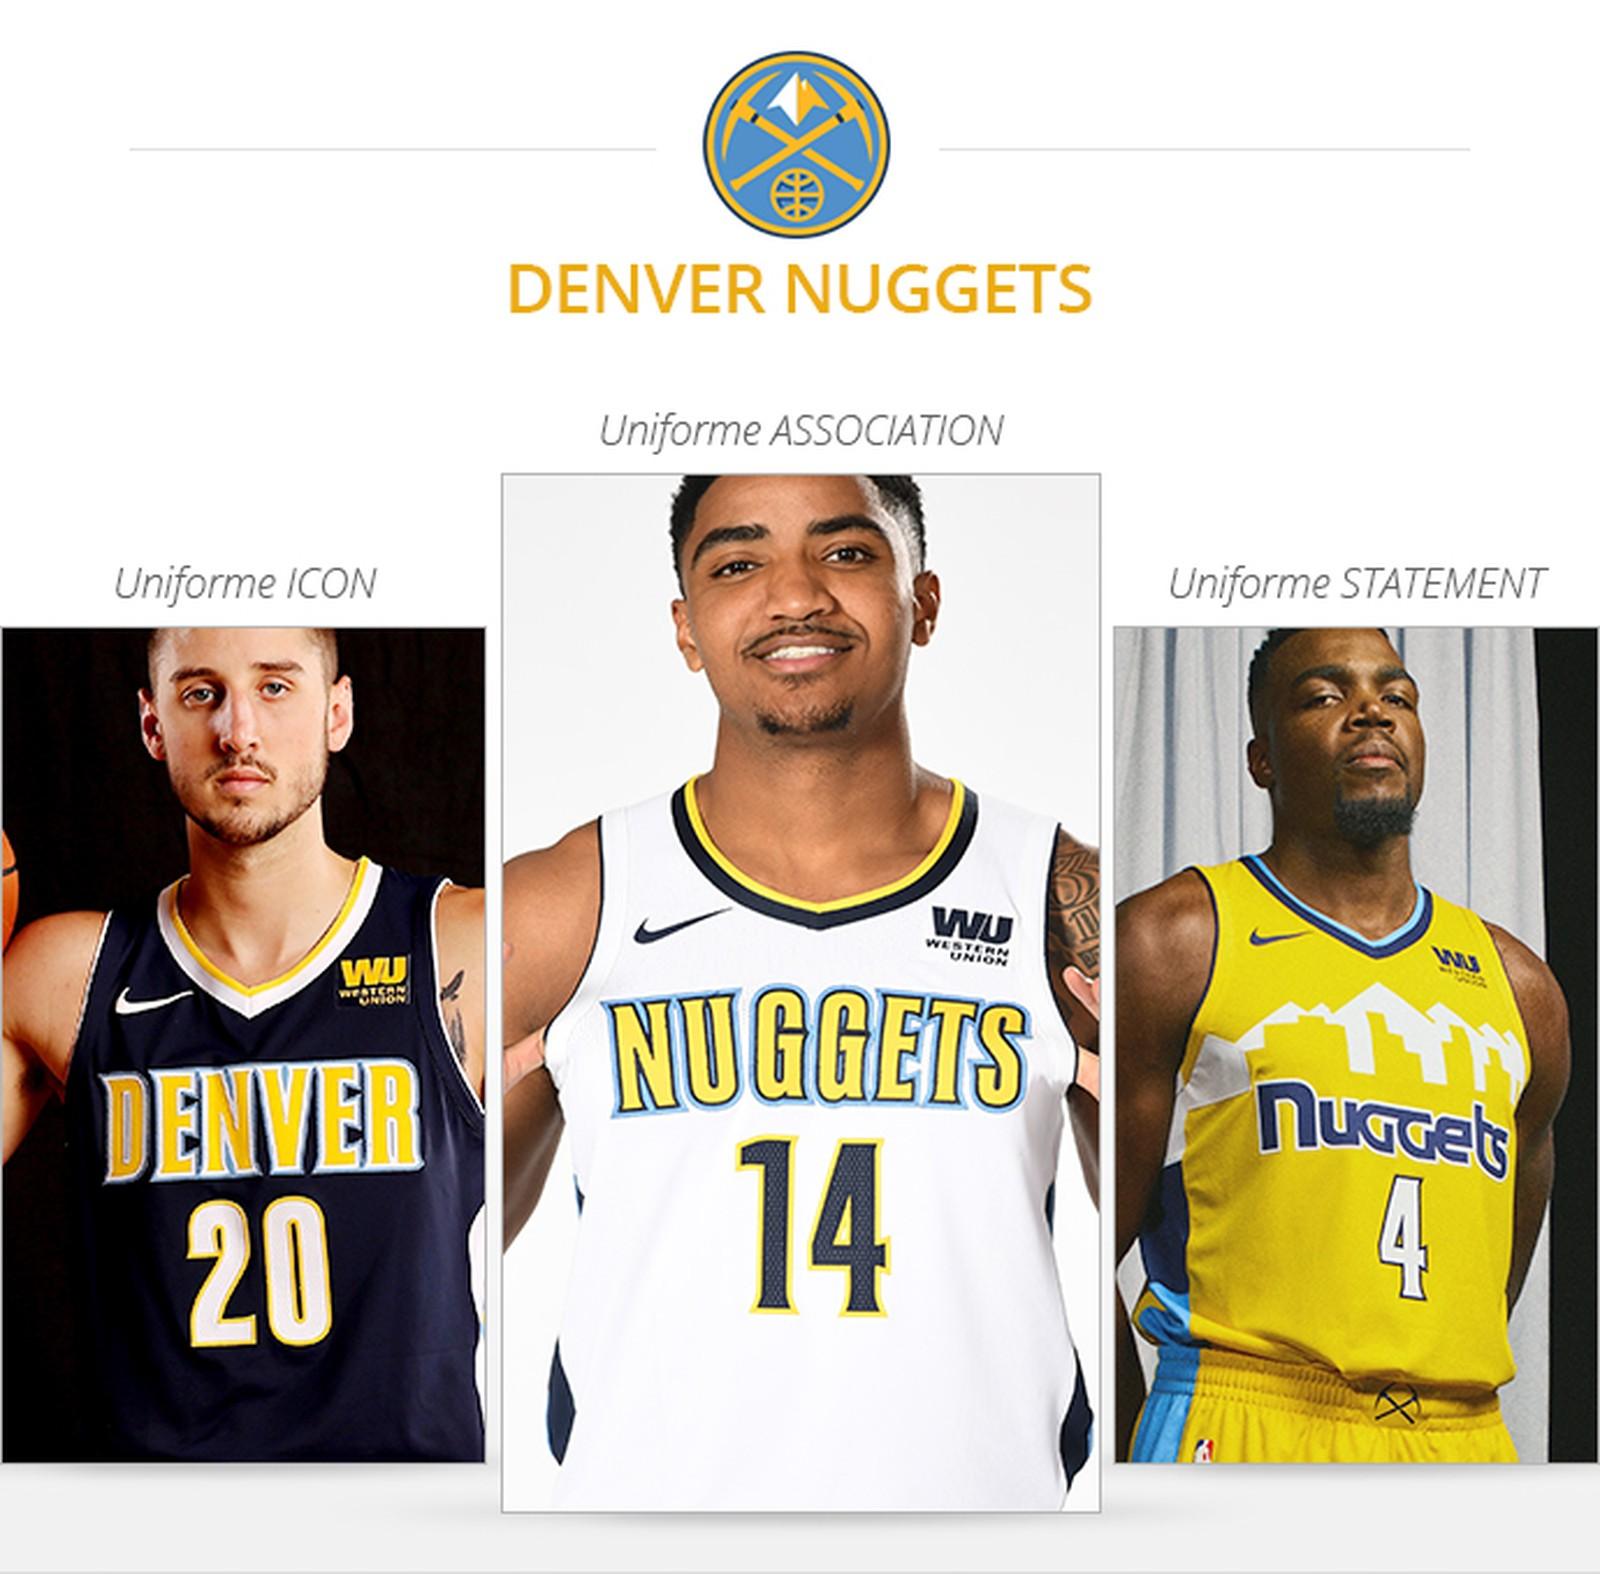 Uniformes Denver Nuggets saison 2017/18